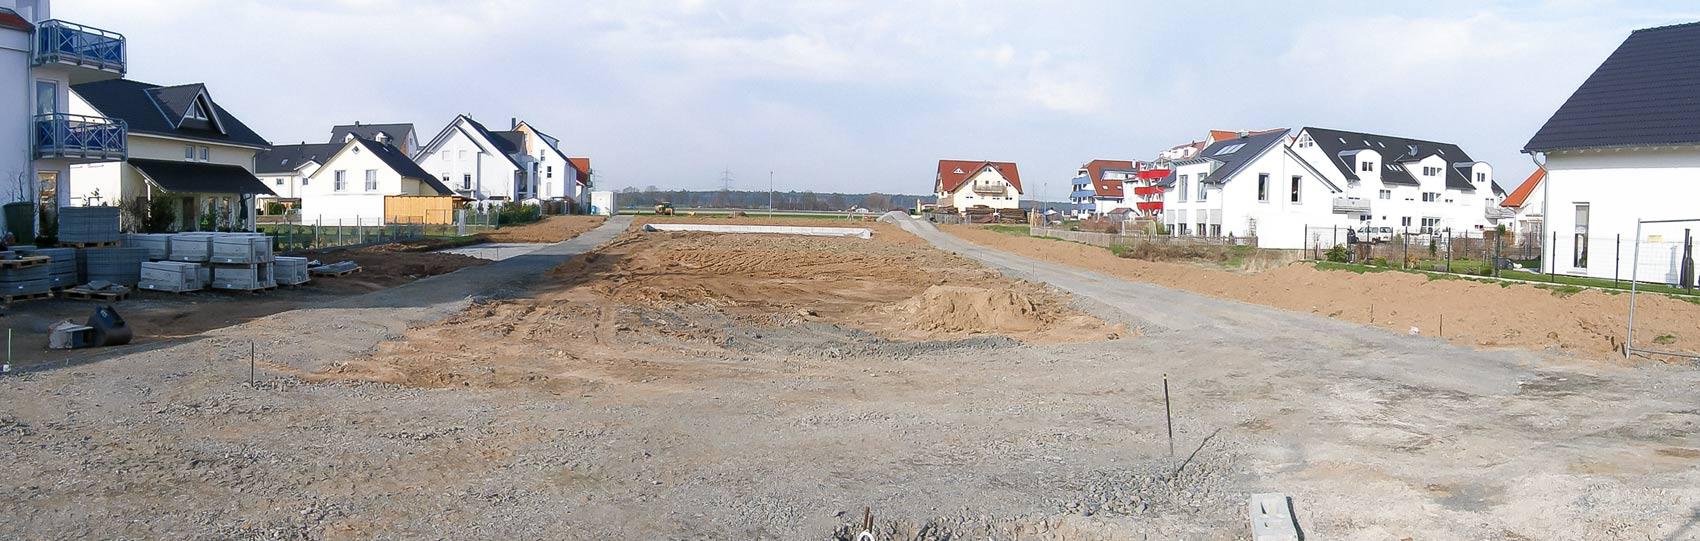 Panorama März 2010